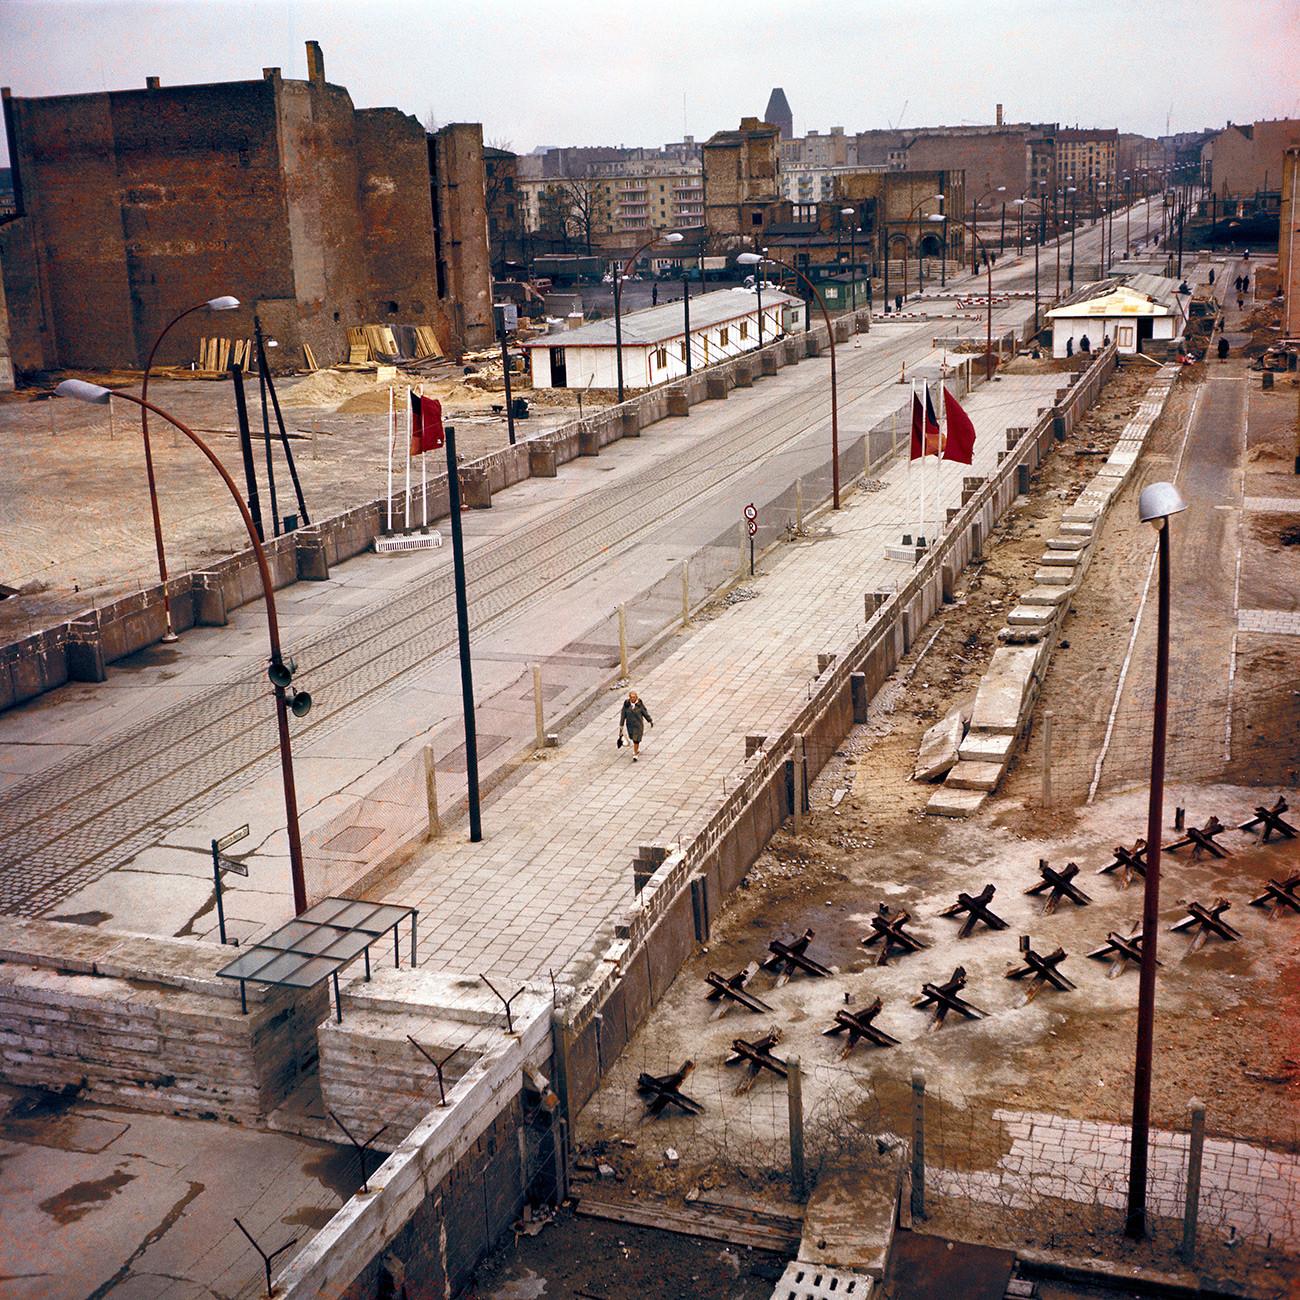 Немачка, Берлински зид током 1970-их.